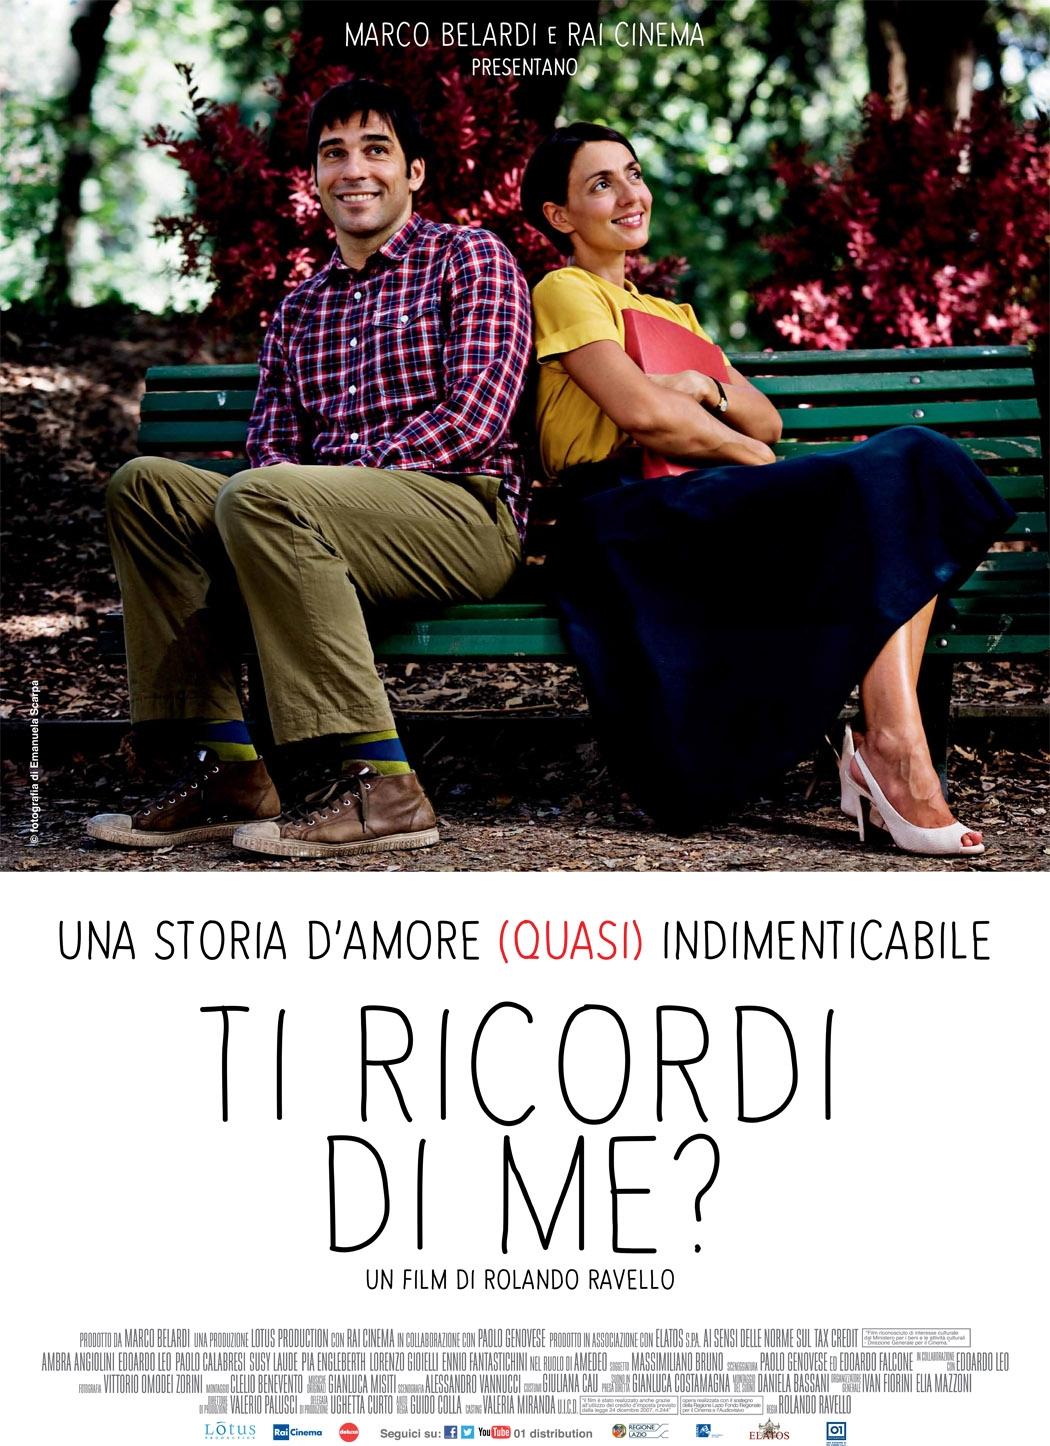 Ti ricordi di me?: il poster del film